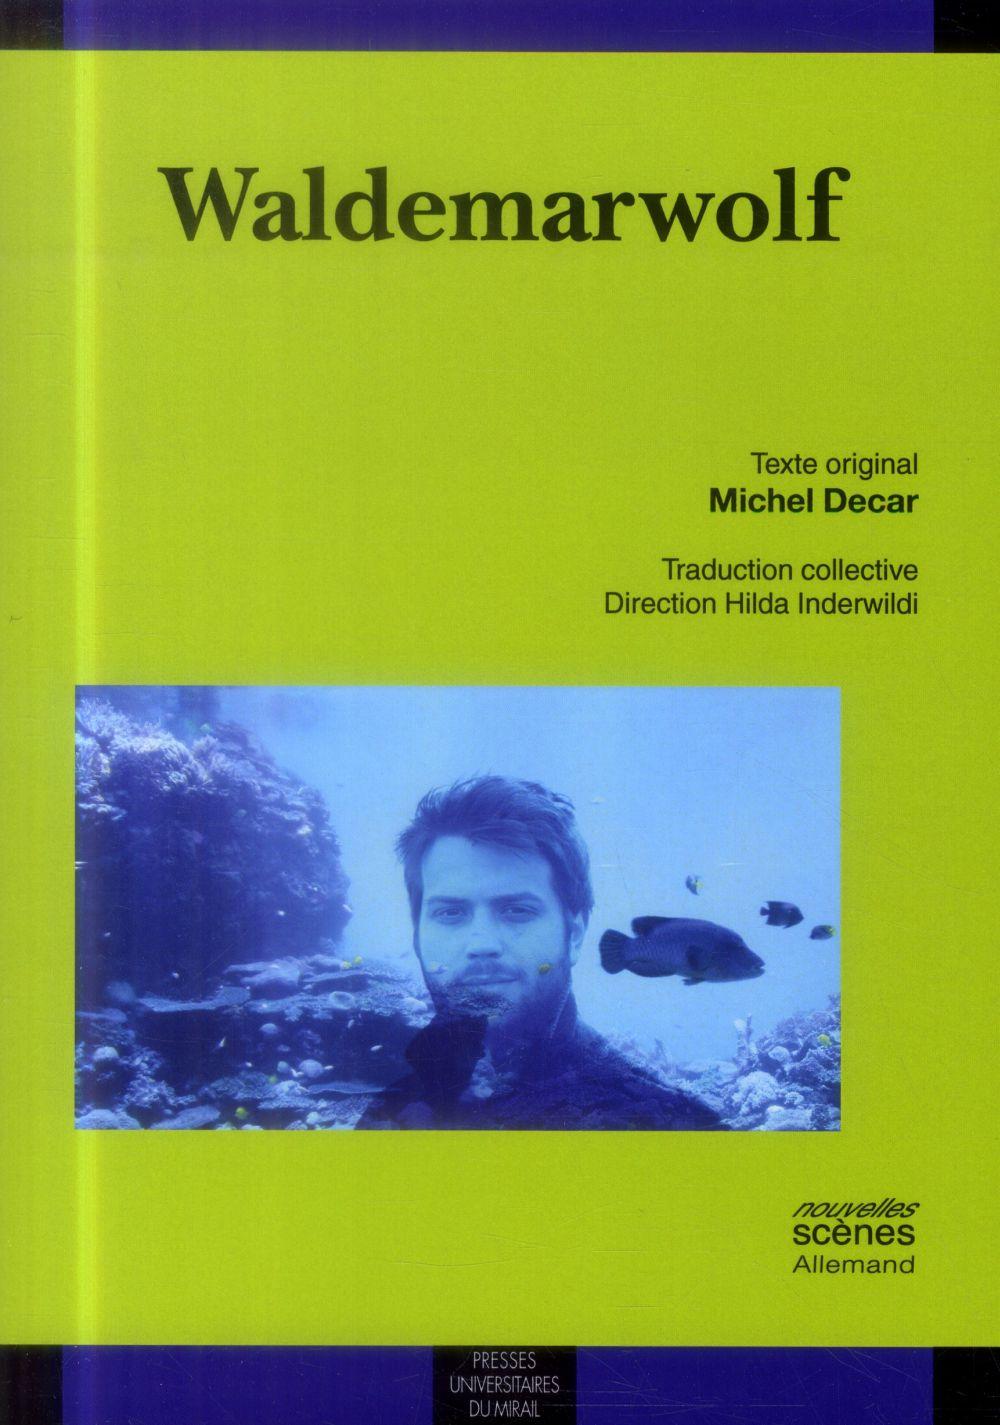 WALDEMARWOLF